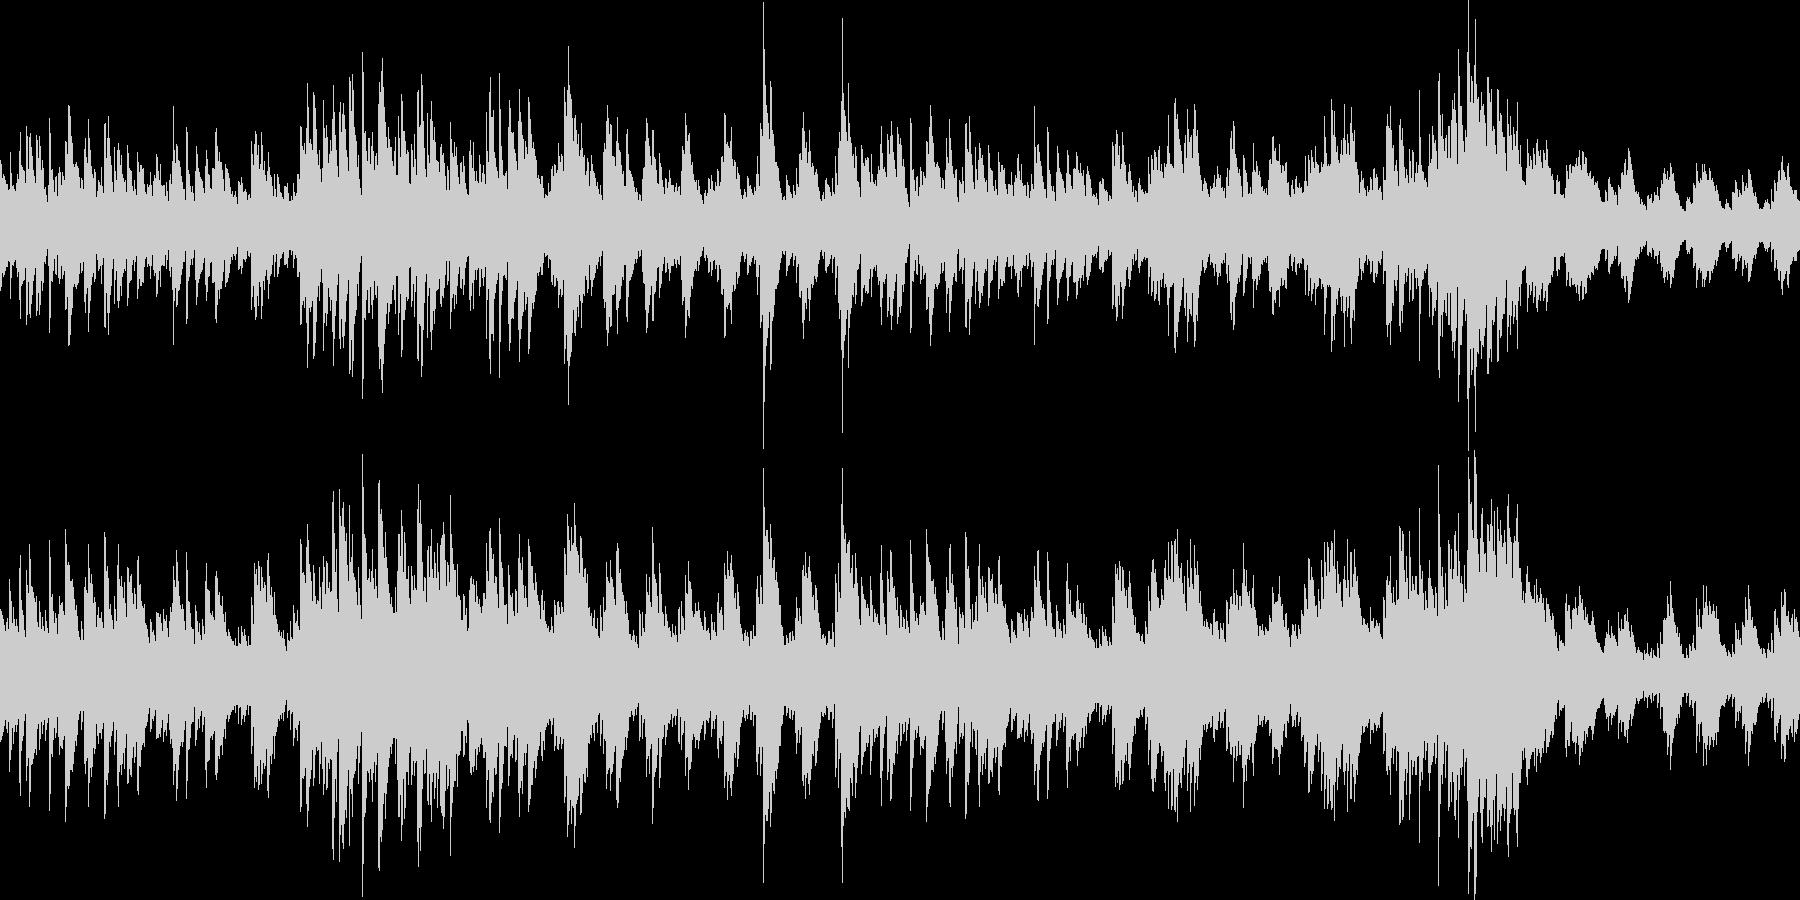 ループ:深い森、切なく悲しいピアノソロの未再生の波形